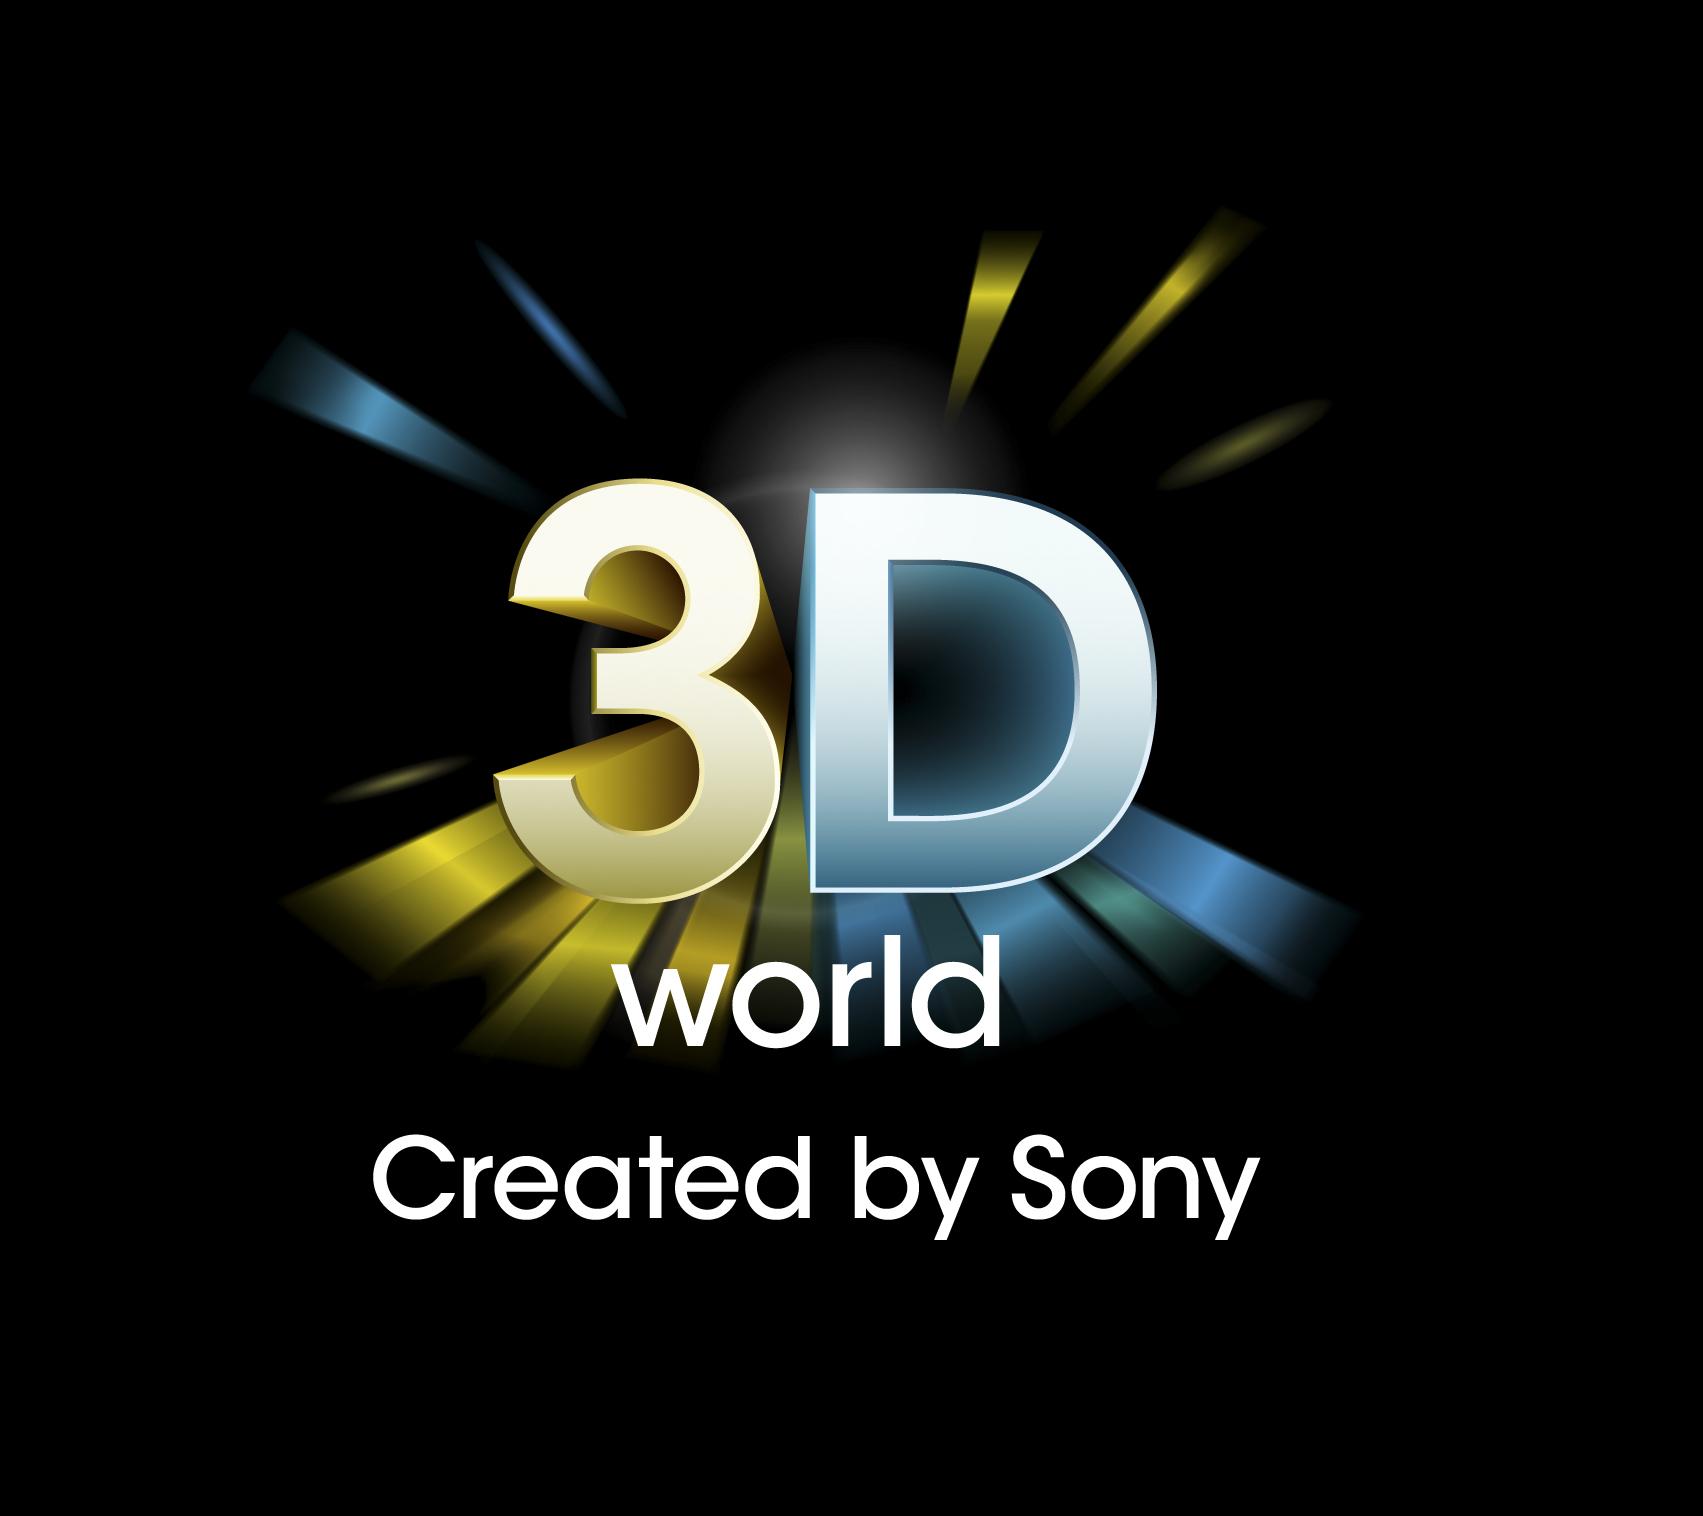 PS3 con BlueRay y 3D para Octubre [Firmware]